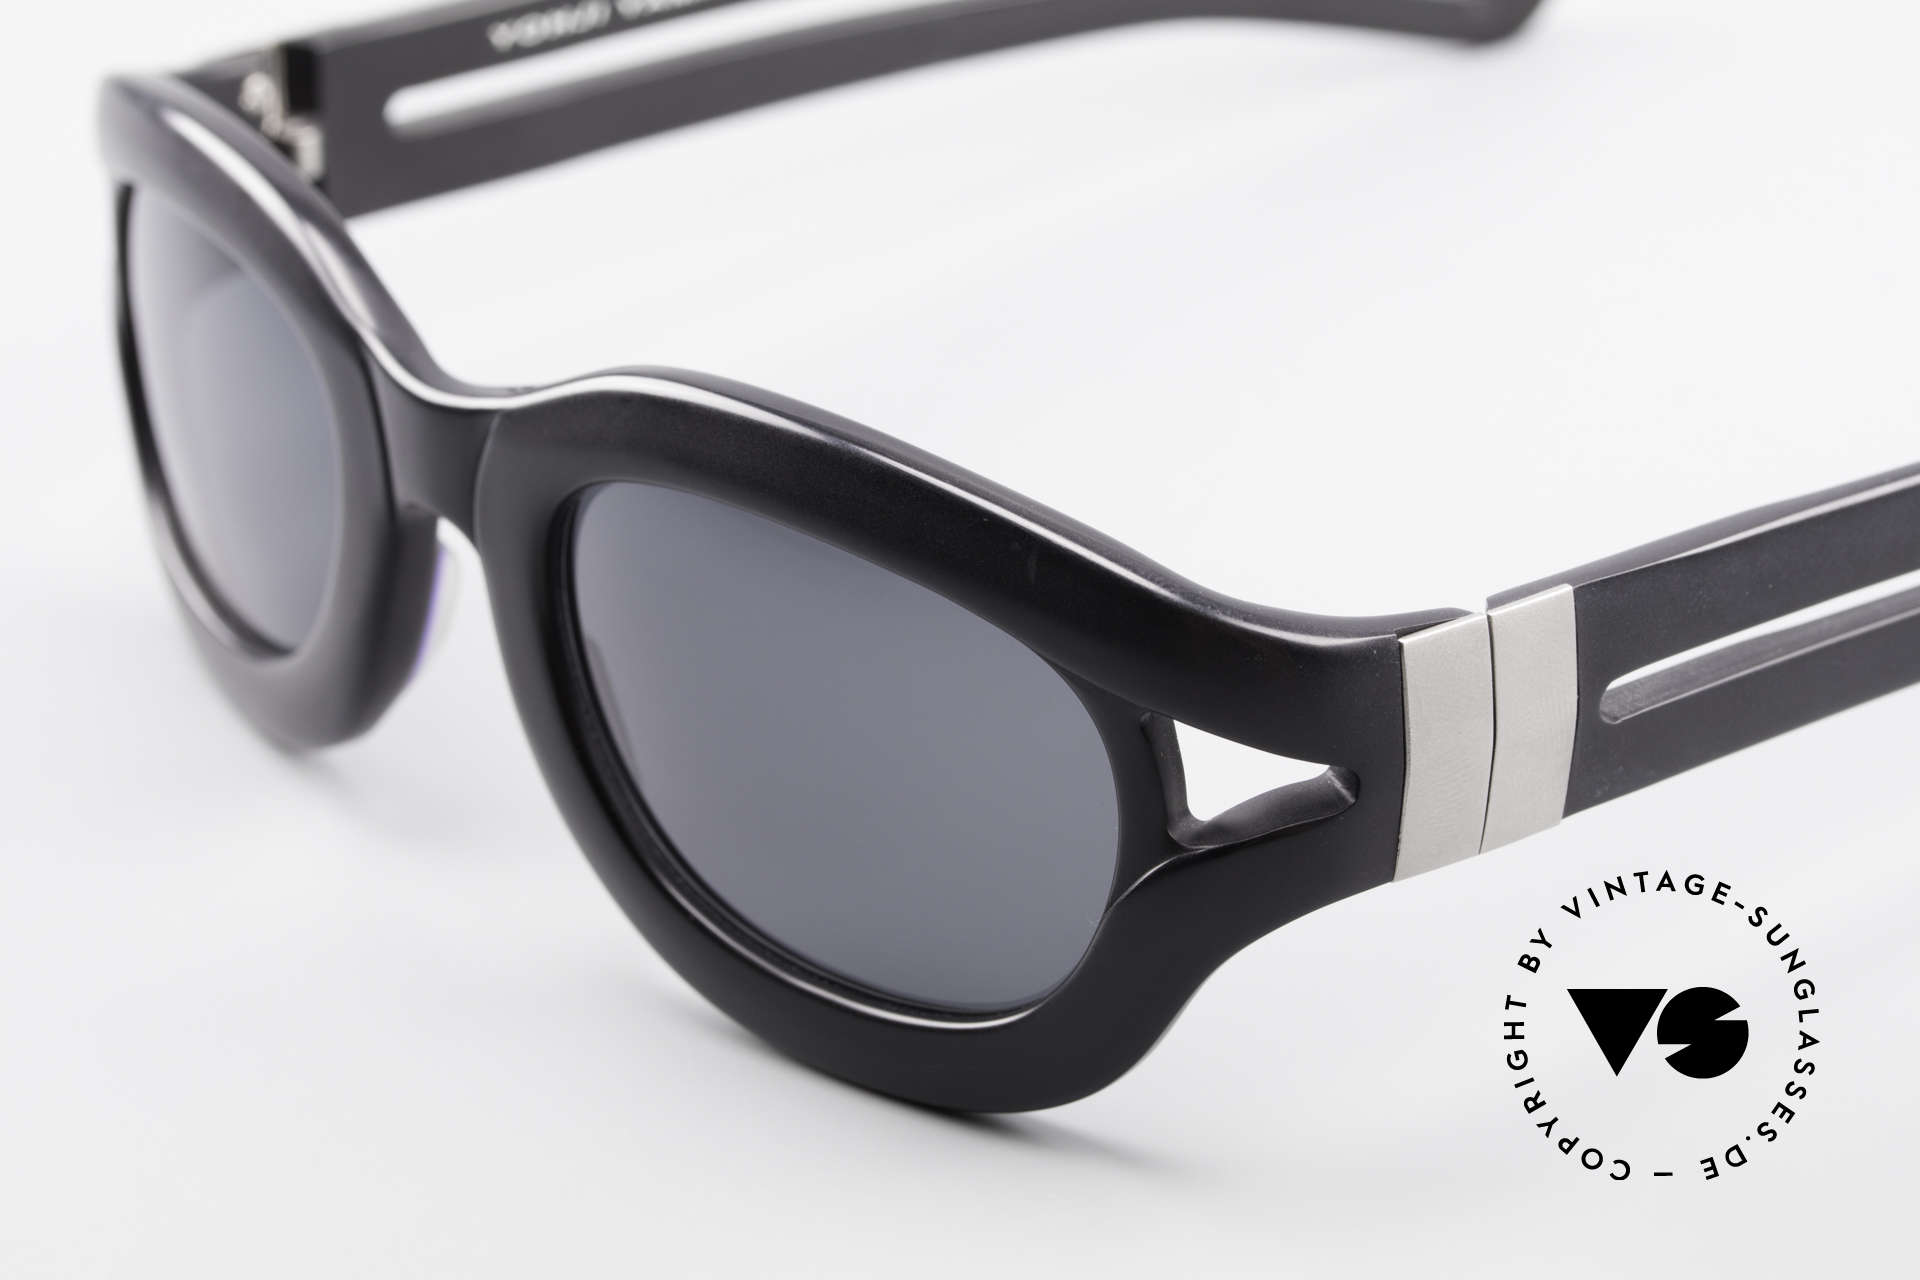 Yohji Yamamoto 52-6001 YY 90er Designer Sonnenbrille, ungetragen; wie all unsere vintage Yamamoto Originale, Passend für Herren und Damen